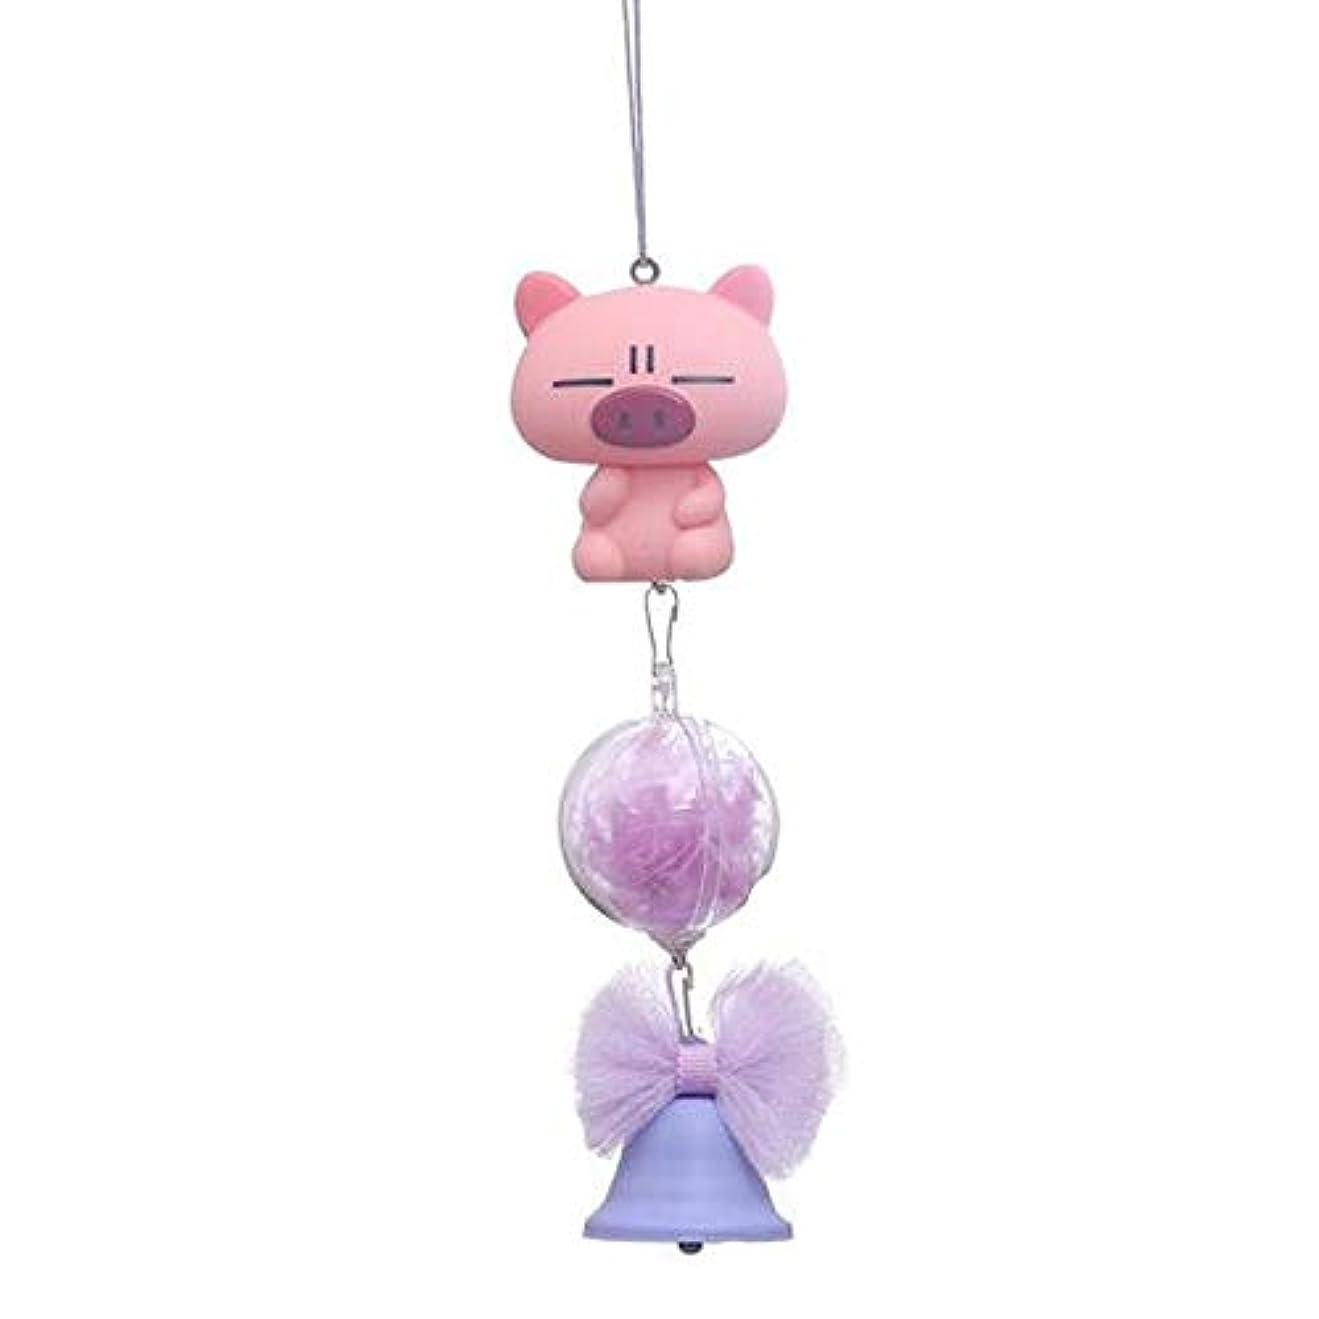 地球見込み持参Chengjinxiang 風チャイム、シリコーン素材クリエイティブ豚の風チャイム、パープル、全身について27cmの,クリエイティブギフト (Color : Purple)